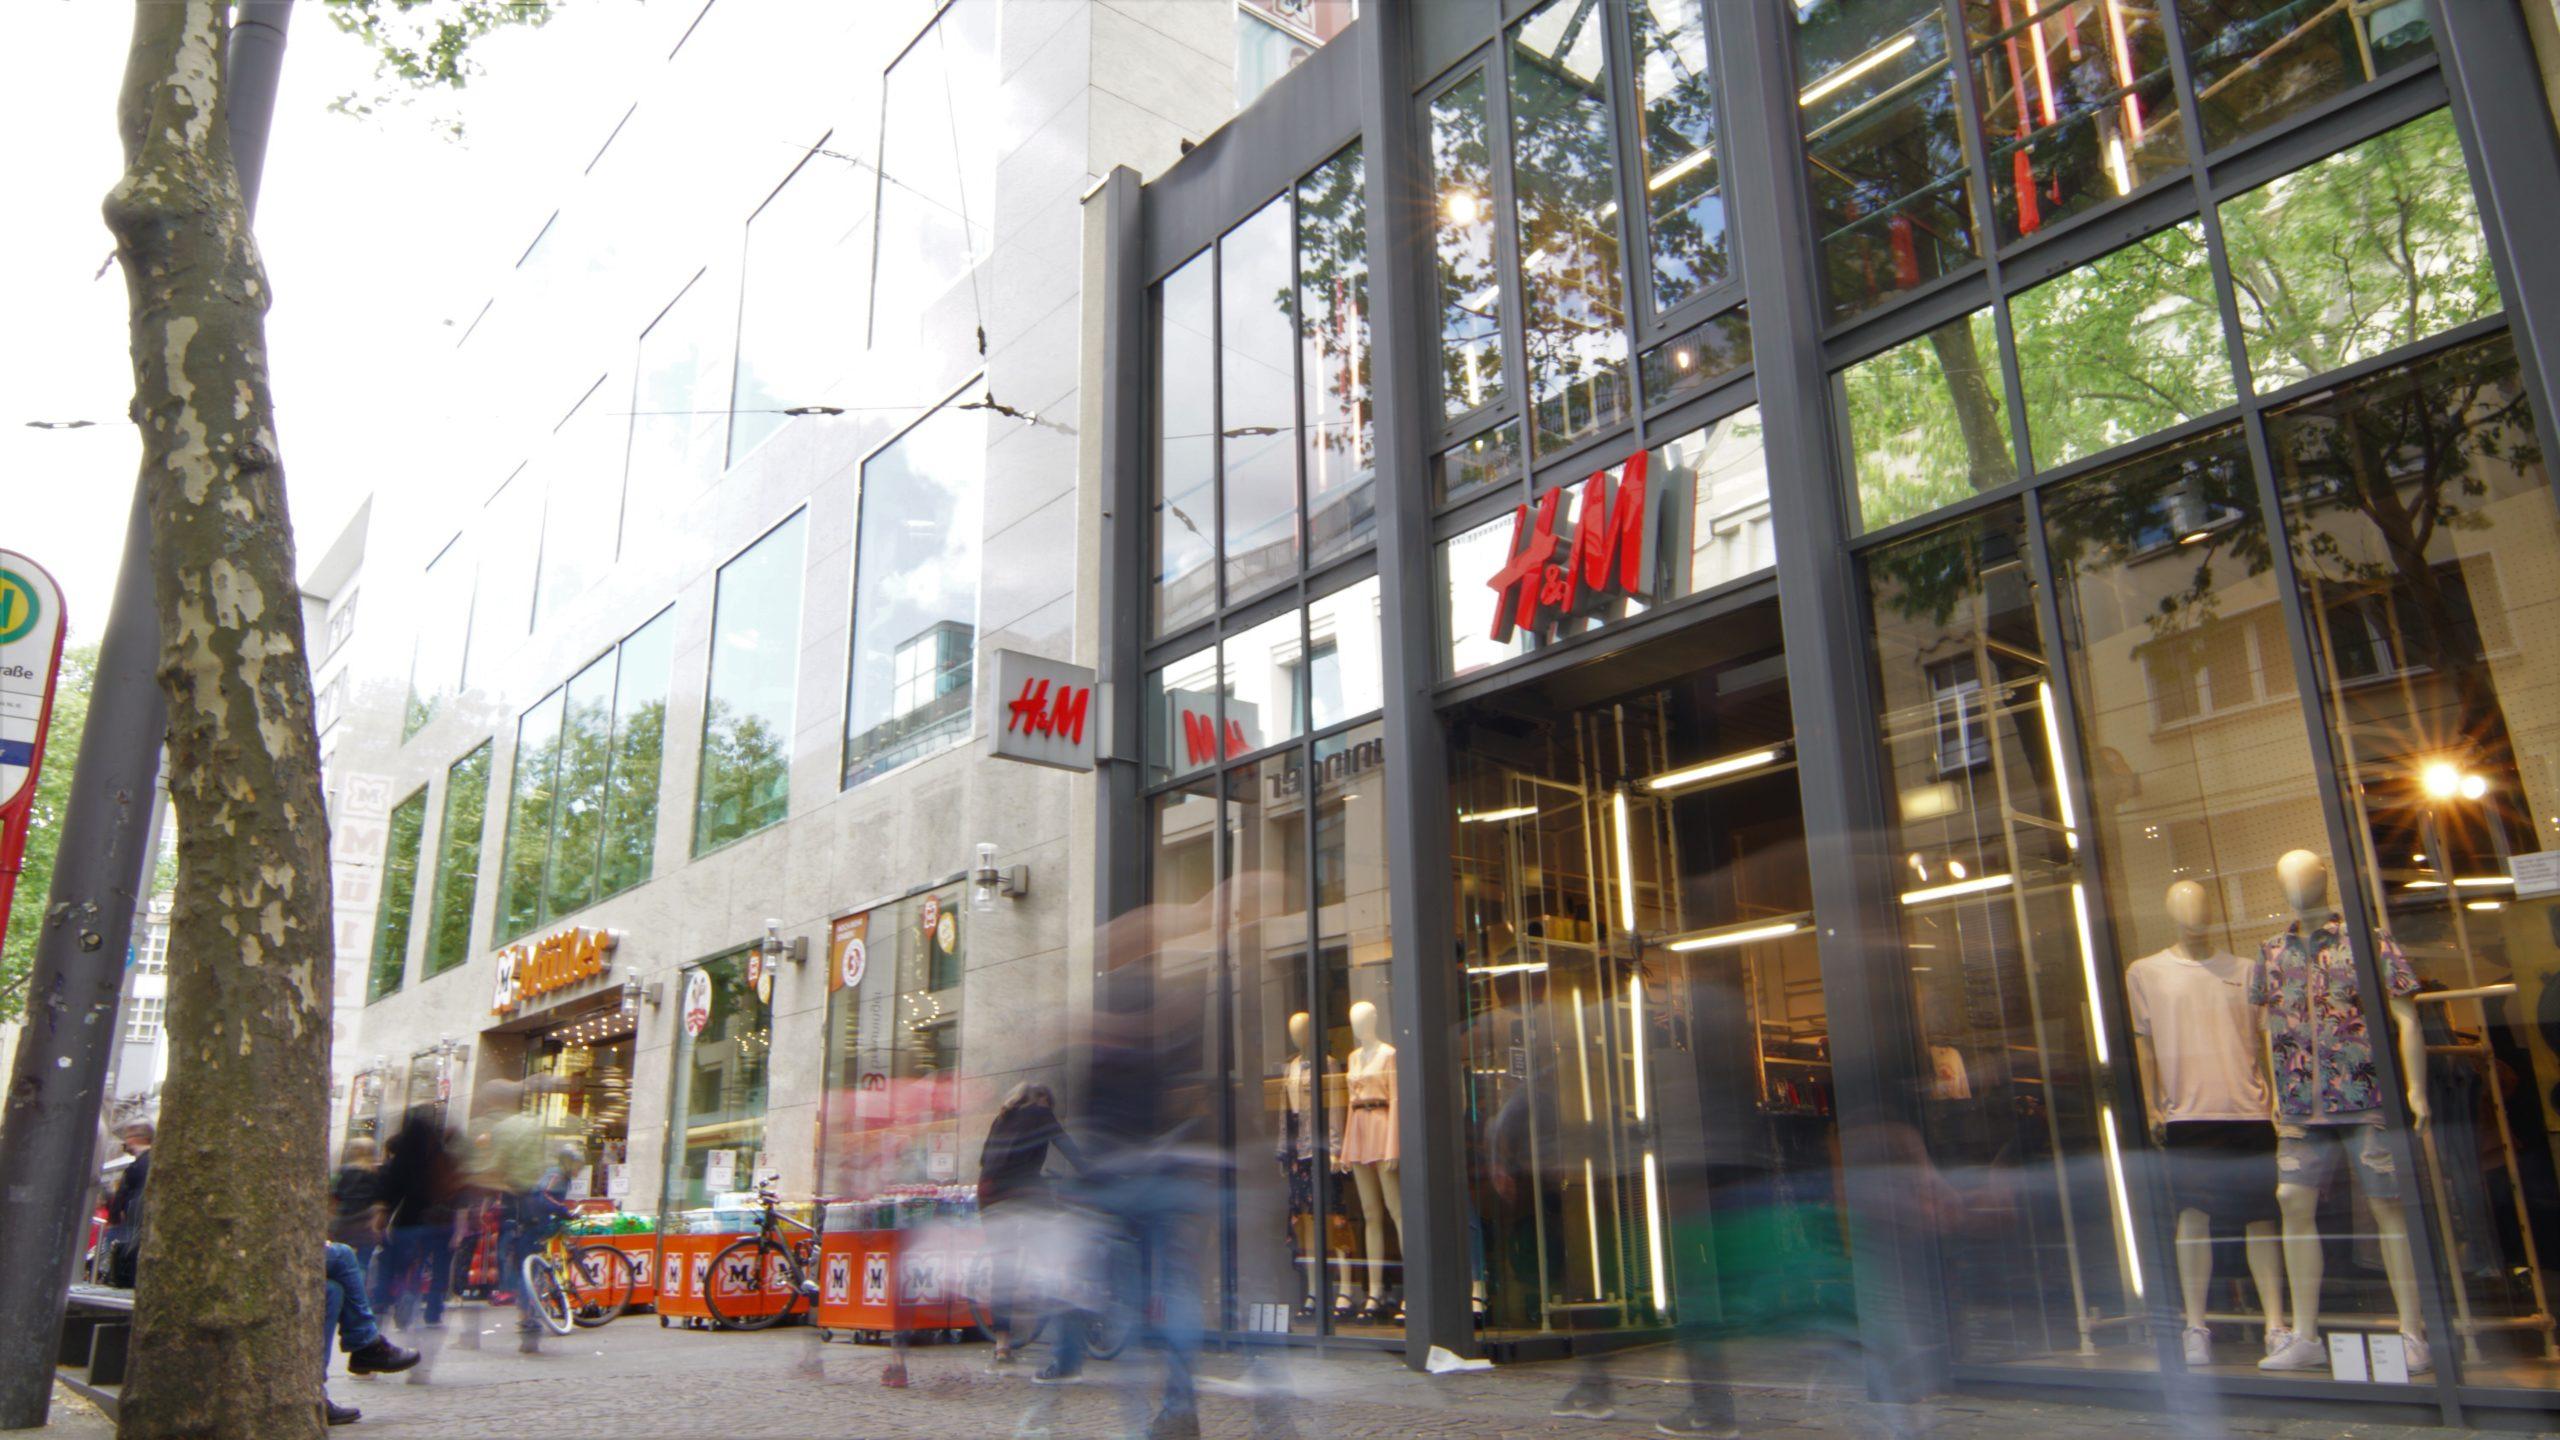 Einzelhandels-und-Gastronomieflächen-in-Karlsruhe-Mannheim-Heidelberg-und-Umgebung